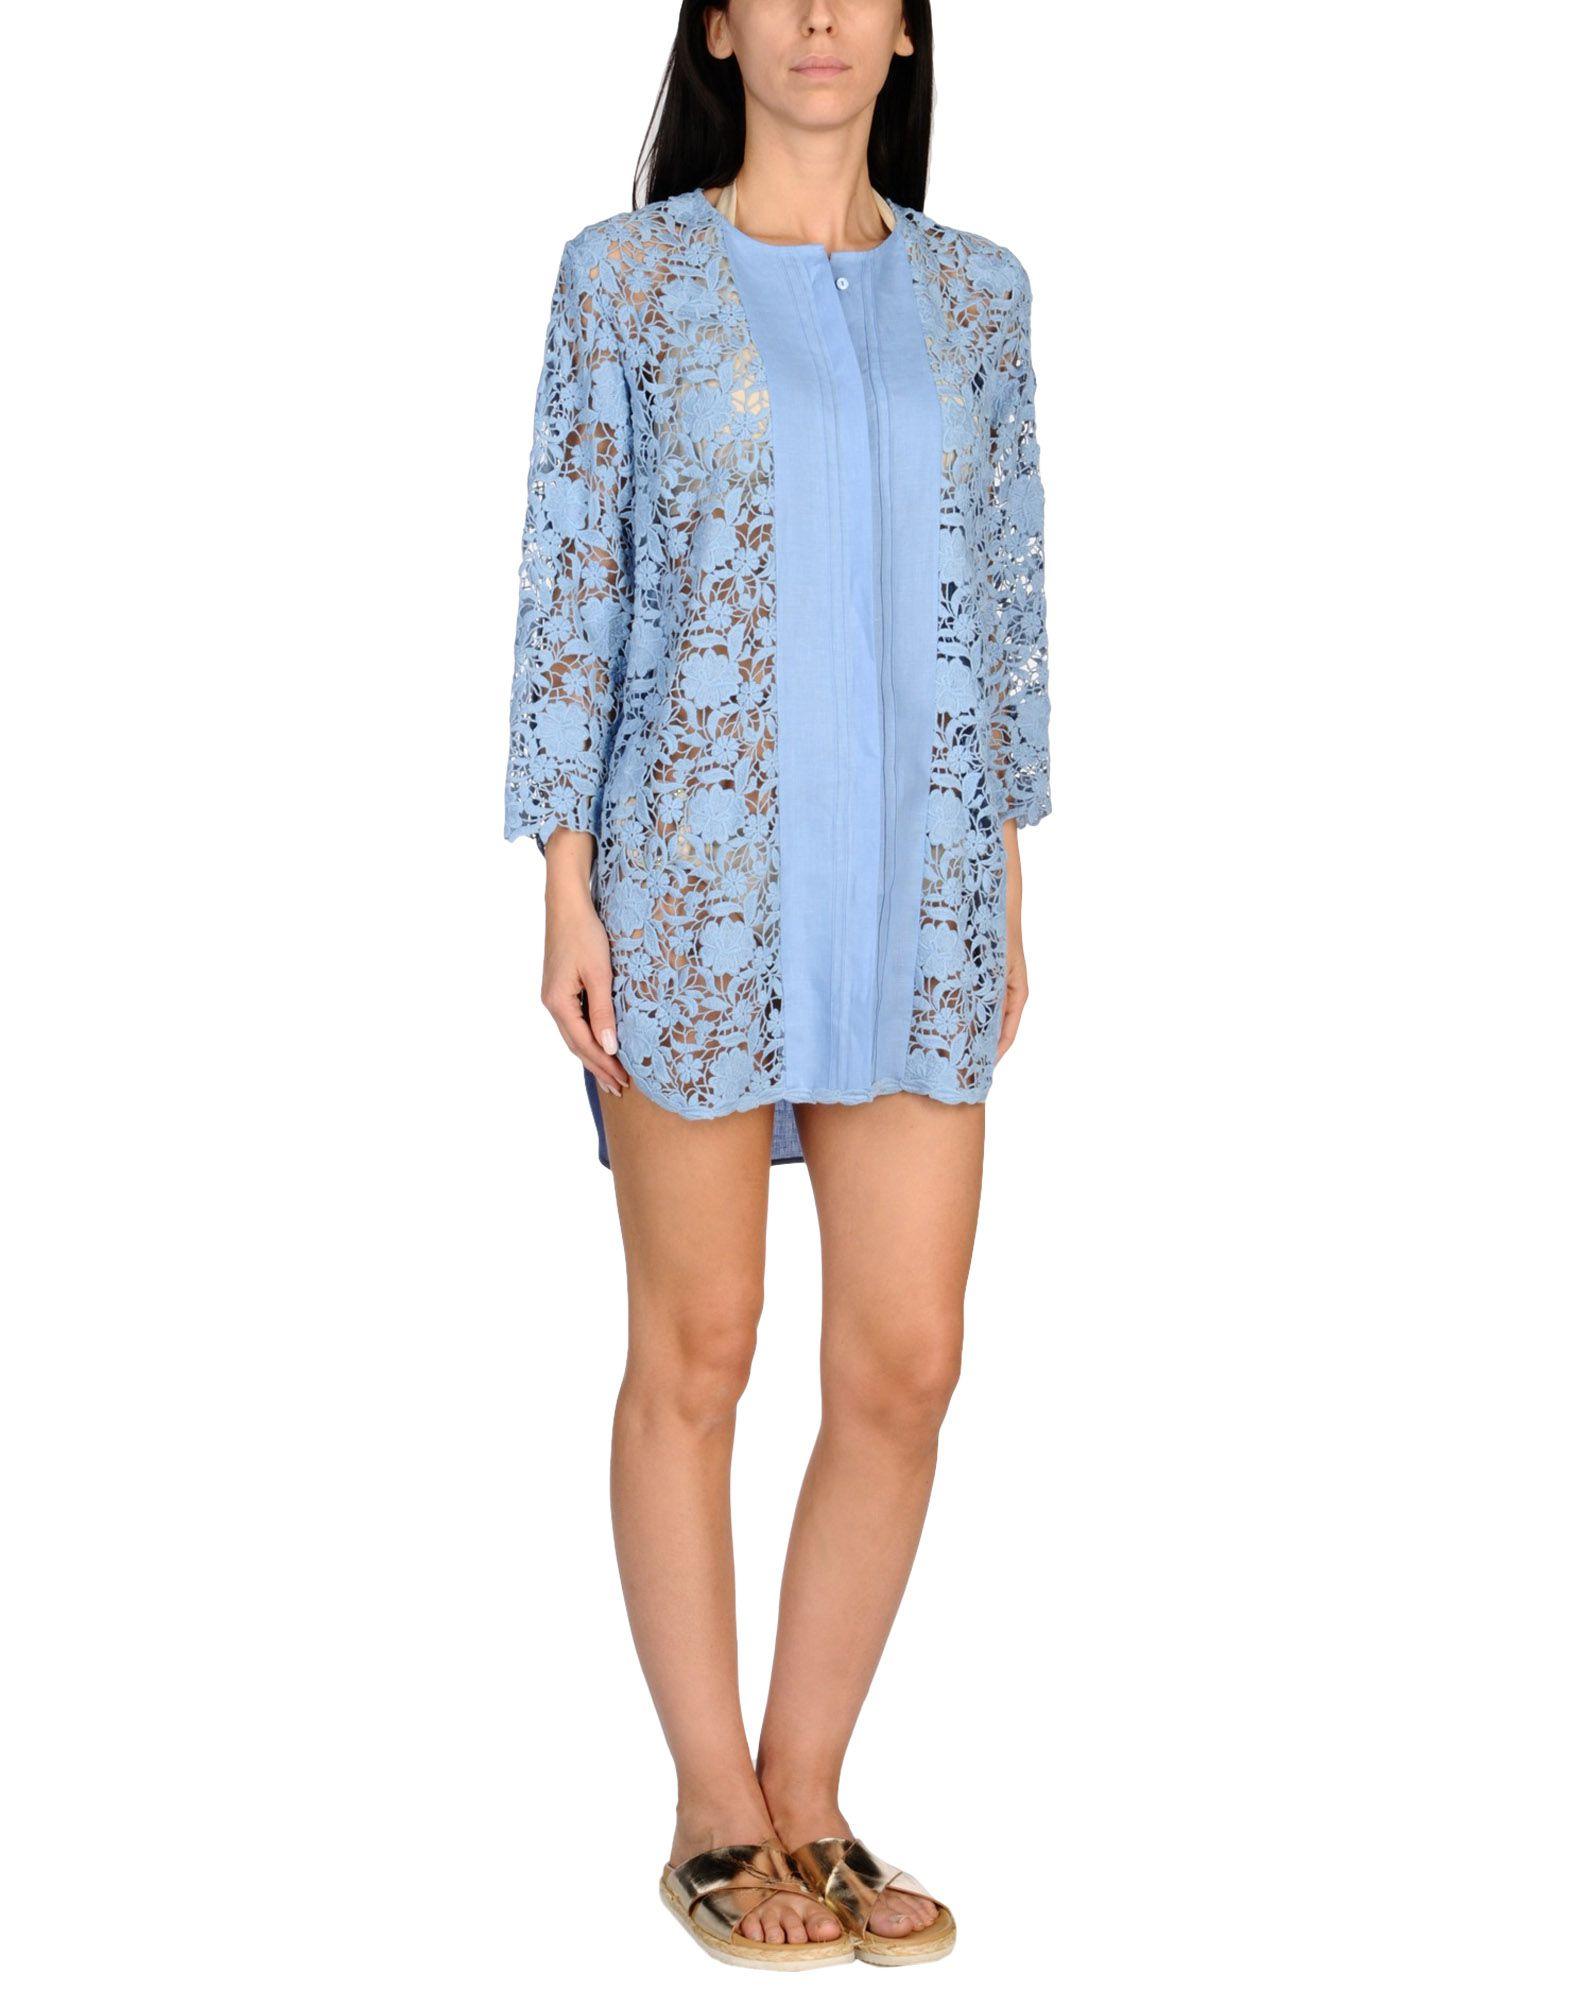 Copricostume Ermanno Scervino Beachwear Donna - Acquista online su